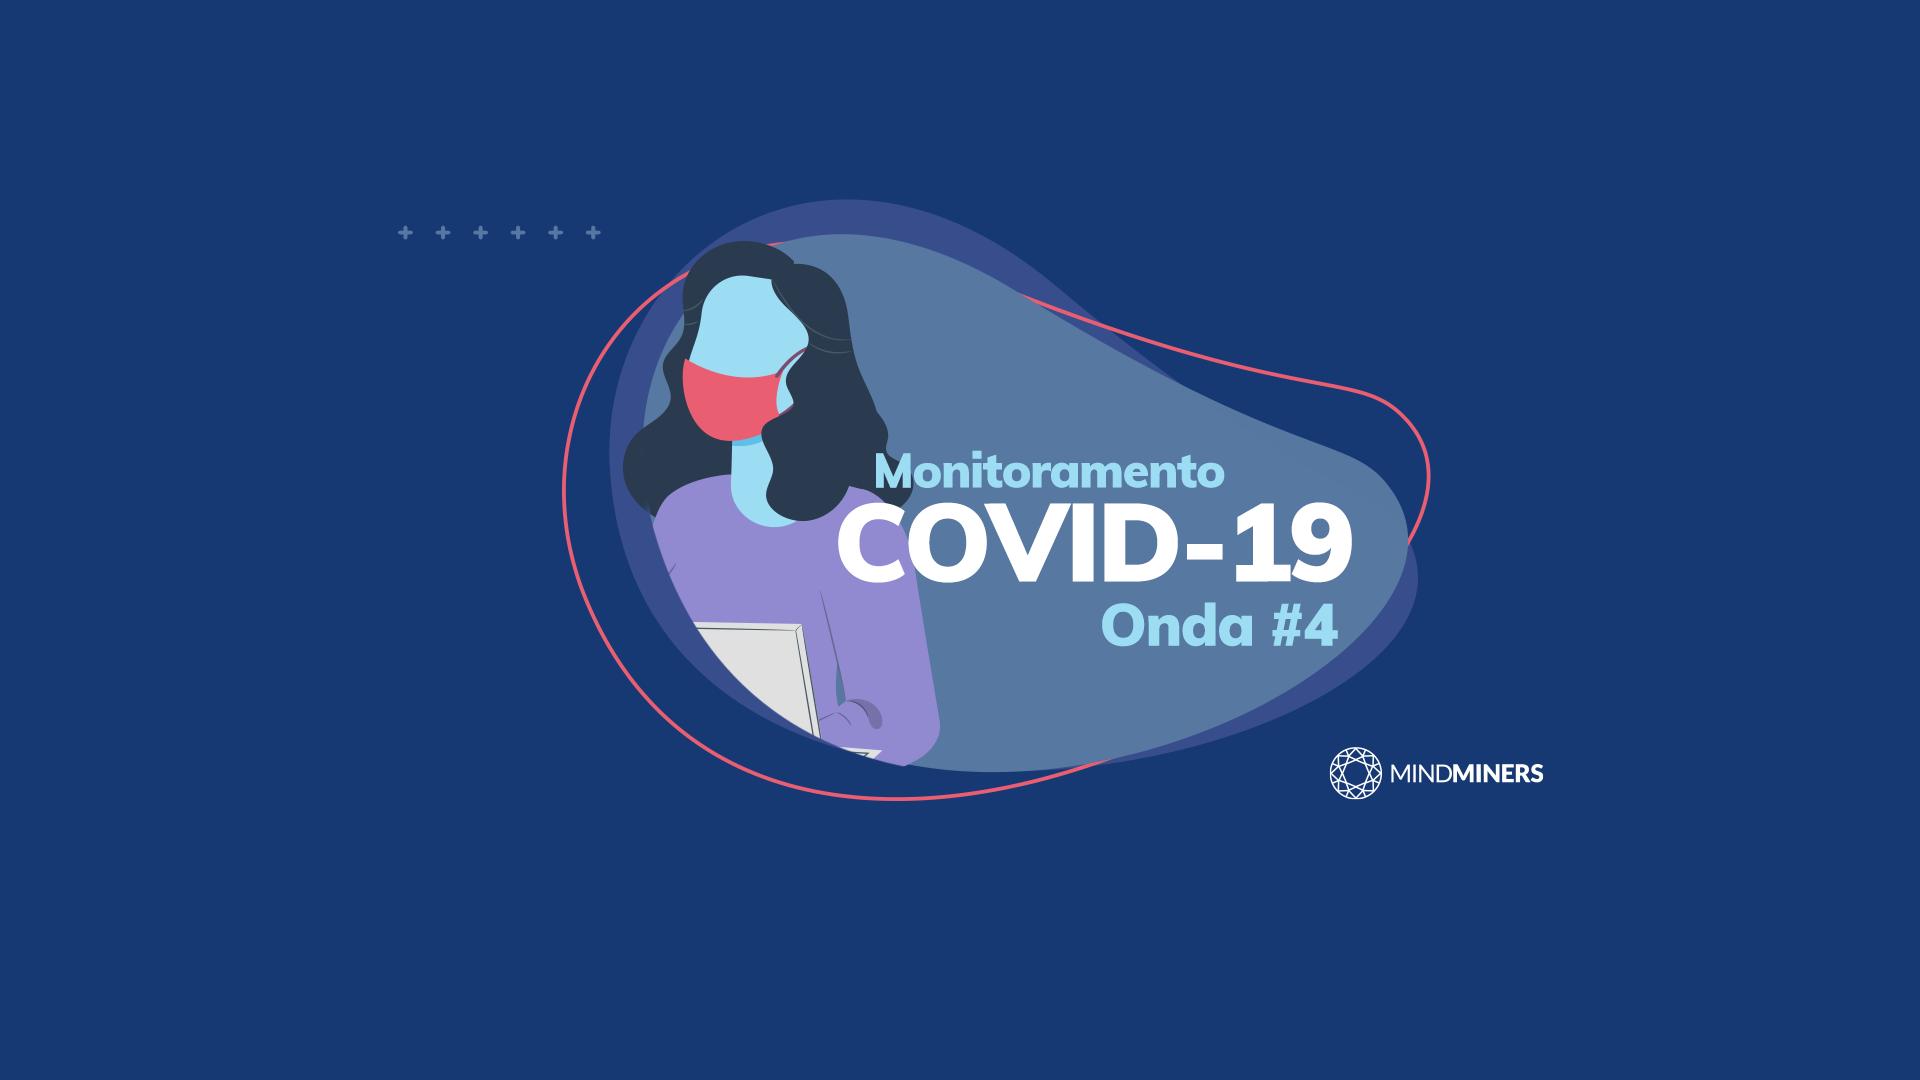 Monitoramento COVID-19 – Quarta Onda